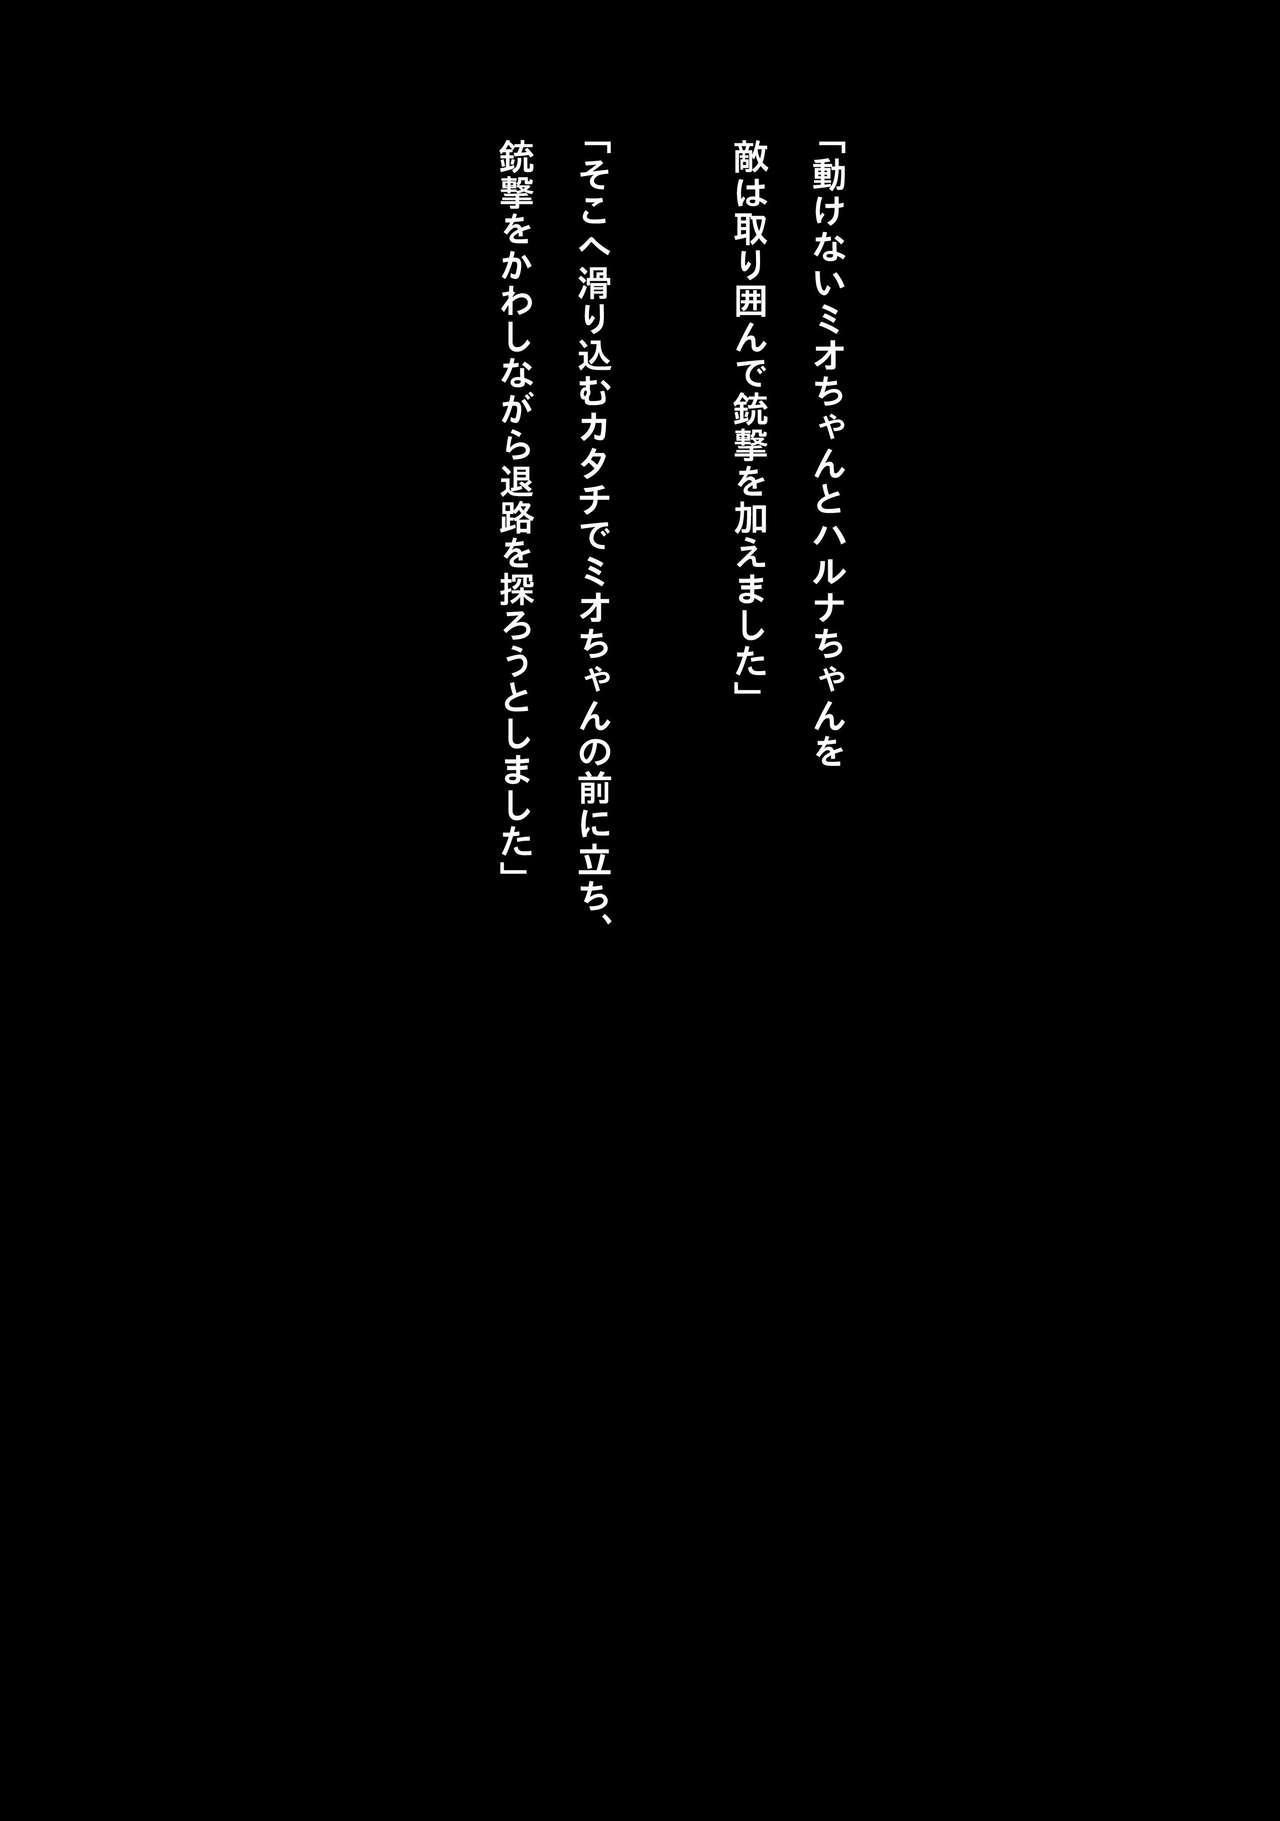 Idol Cyber Battle NEO GENERATOR episode 3 Seisan! Shi o kakugo shita shunkan 36